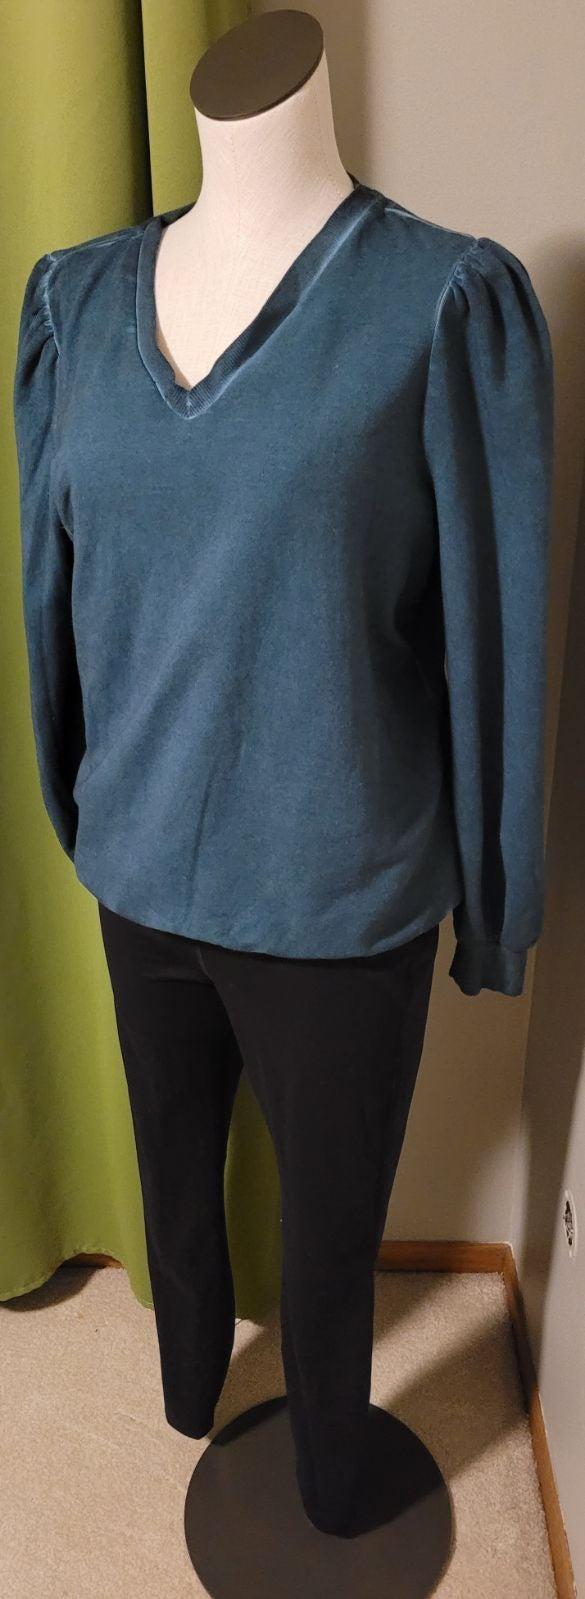 XS sweatshirt